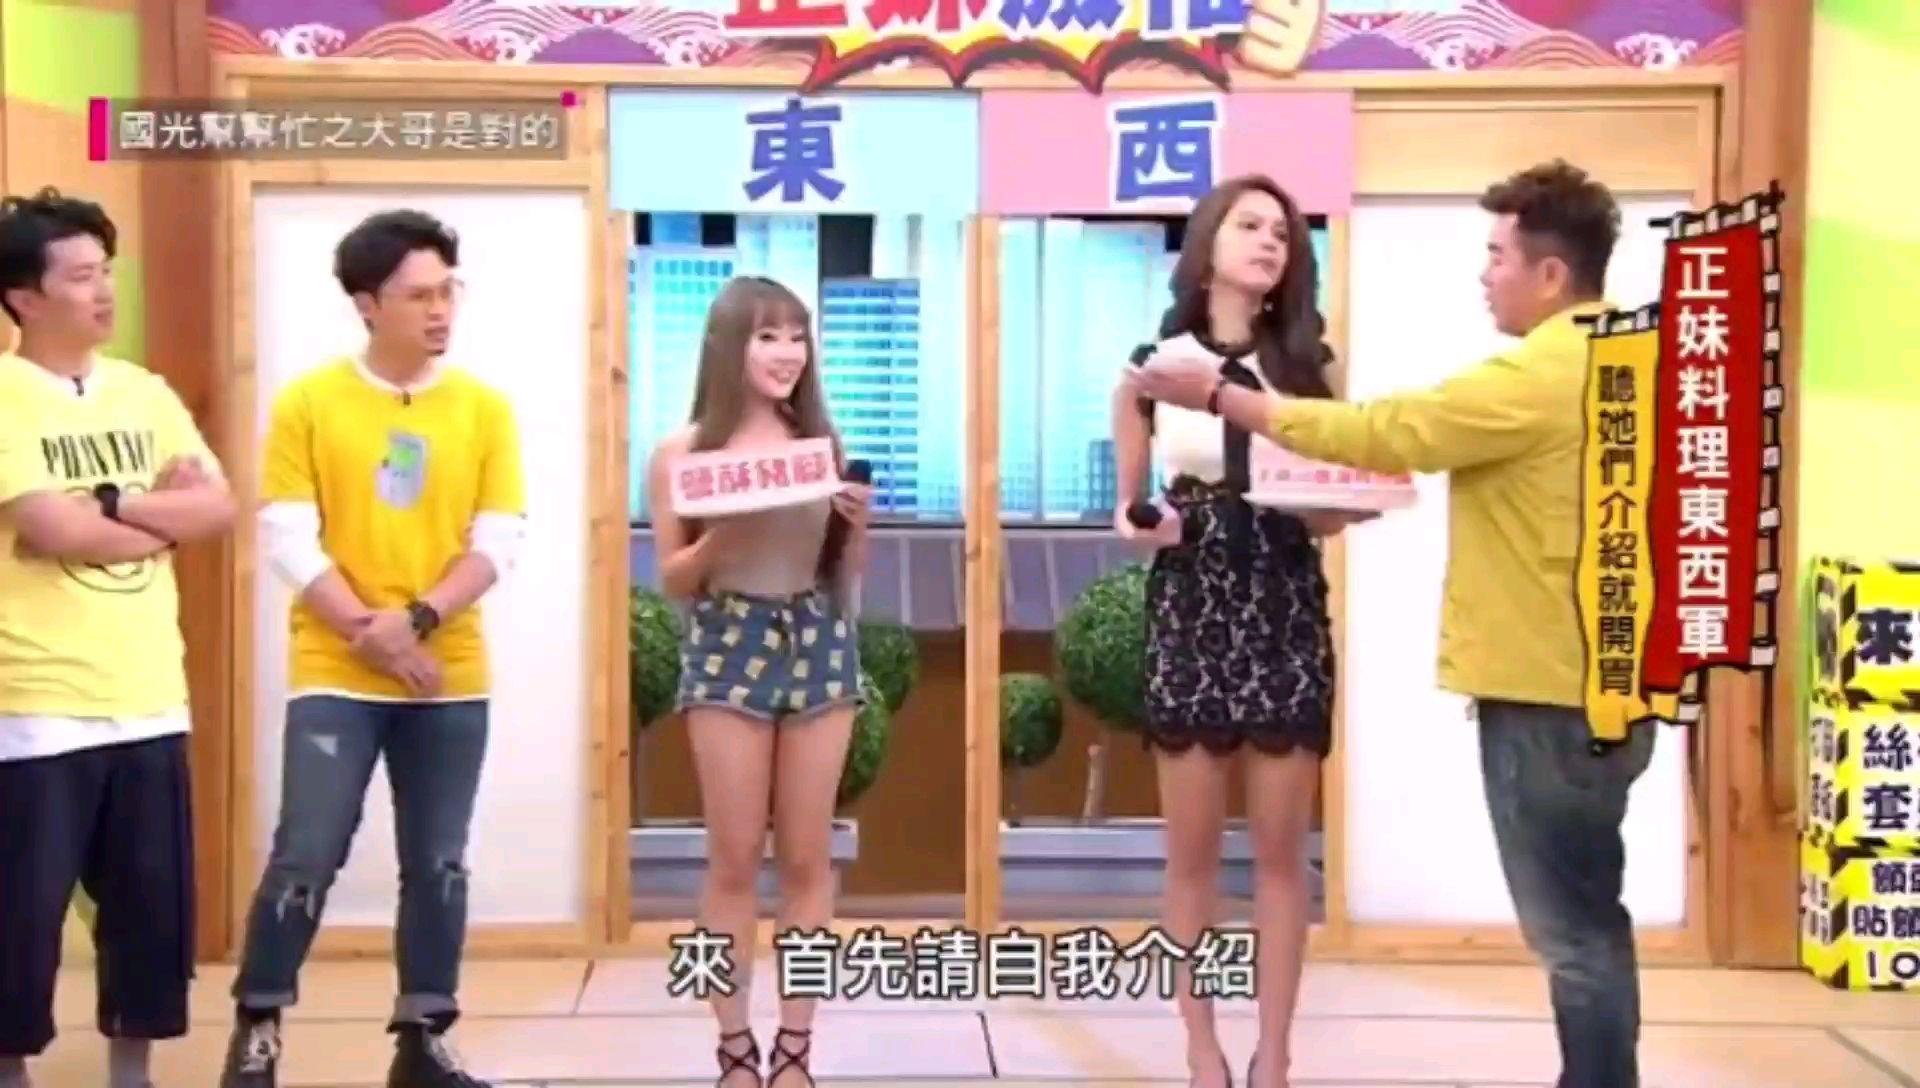 台湾省综艺大哥是对的。正妹料理大比拼